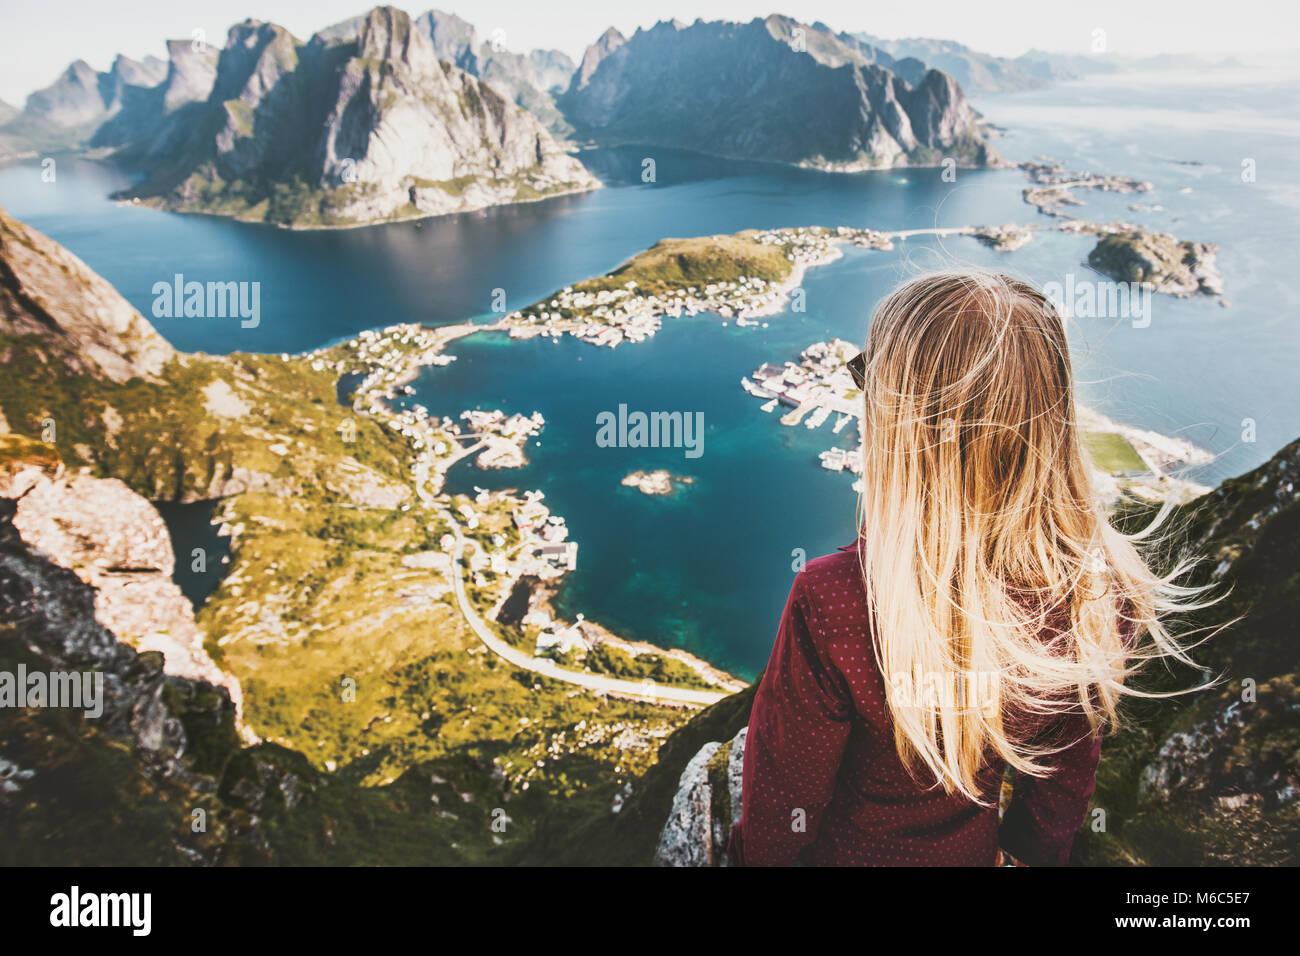 Donna bionda sulla cima della montagna Reinebringen fjord vista aerea nelle isole Lofoten di Norvegia viaggiare Immagini Stock